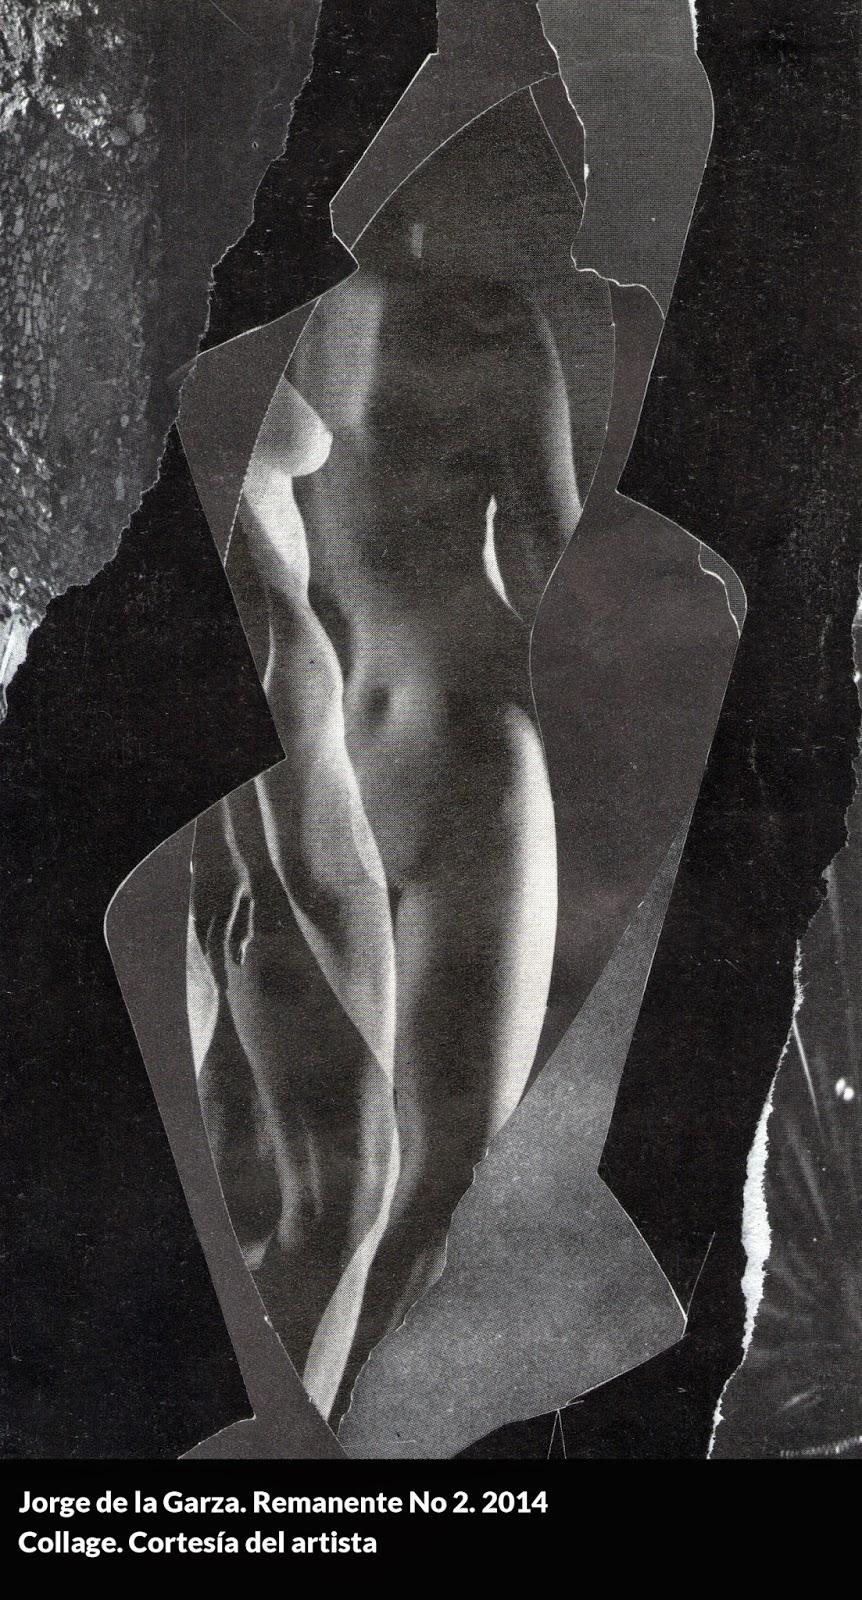 Collage fotográfico y de ilustraciones en el Museo de Arte Carrillo Gil